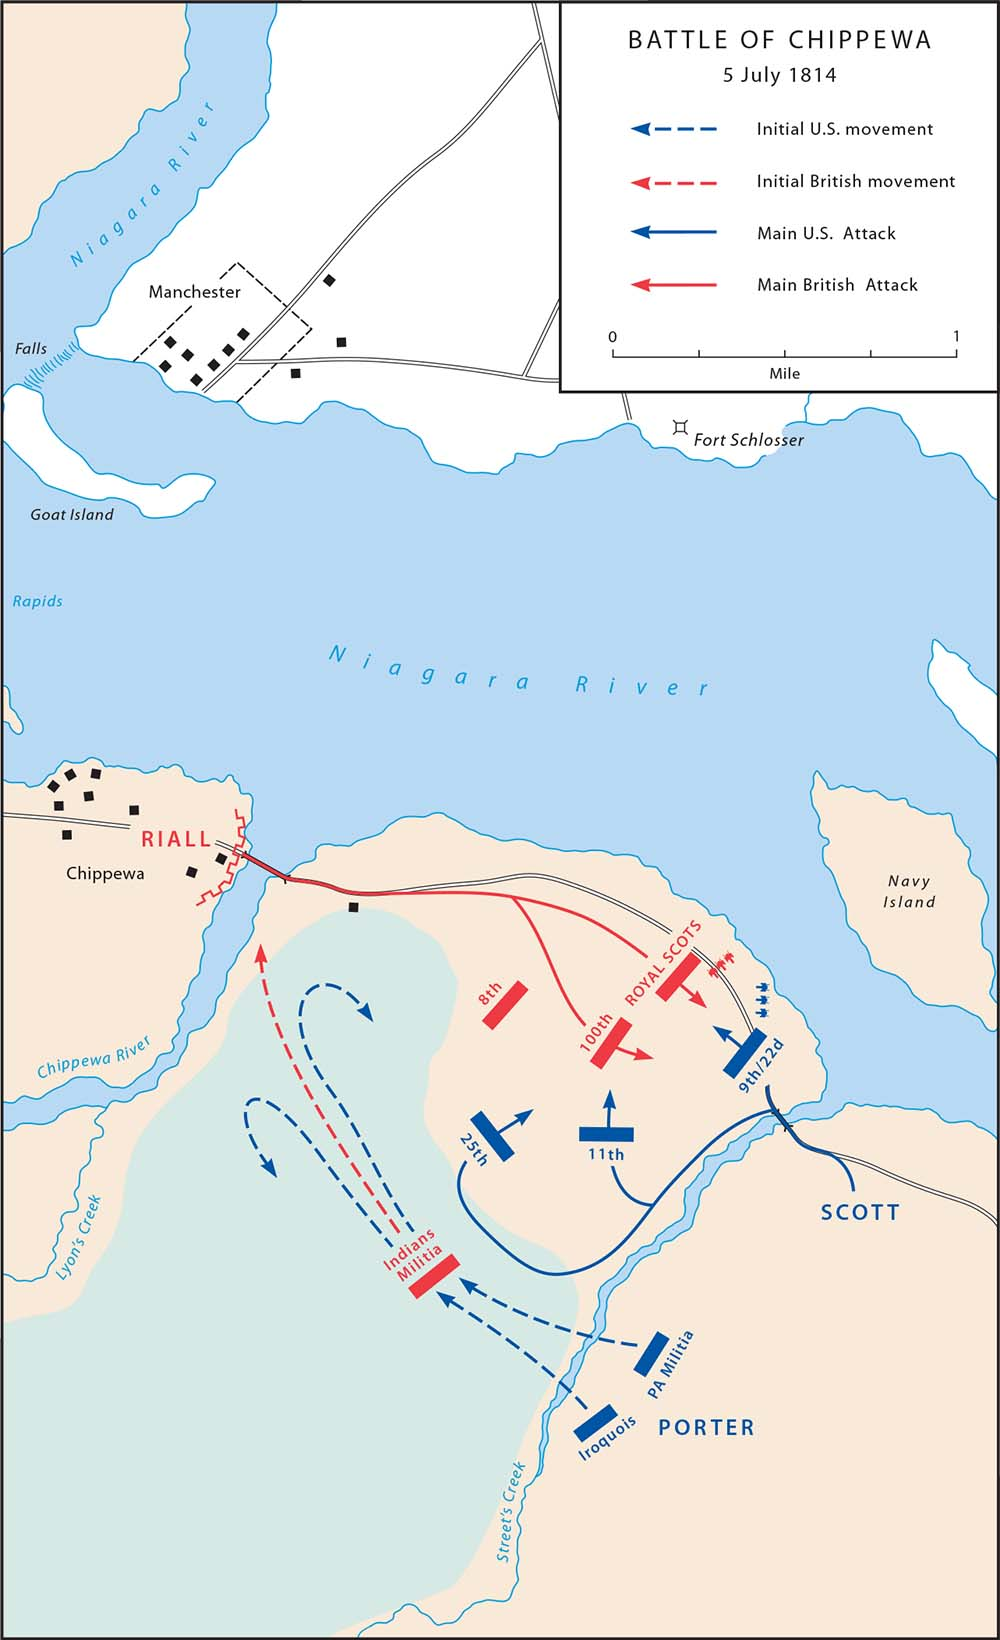 Map: The Battle of Chippewa